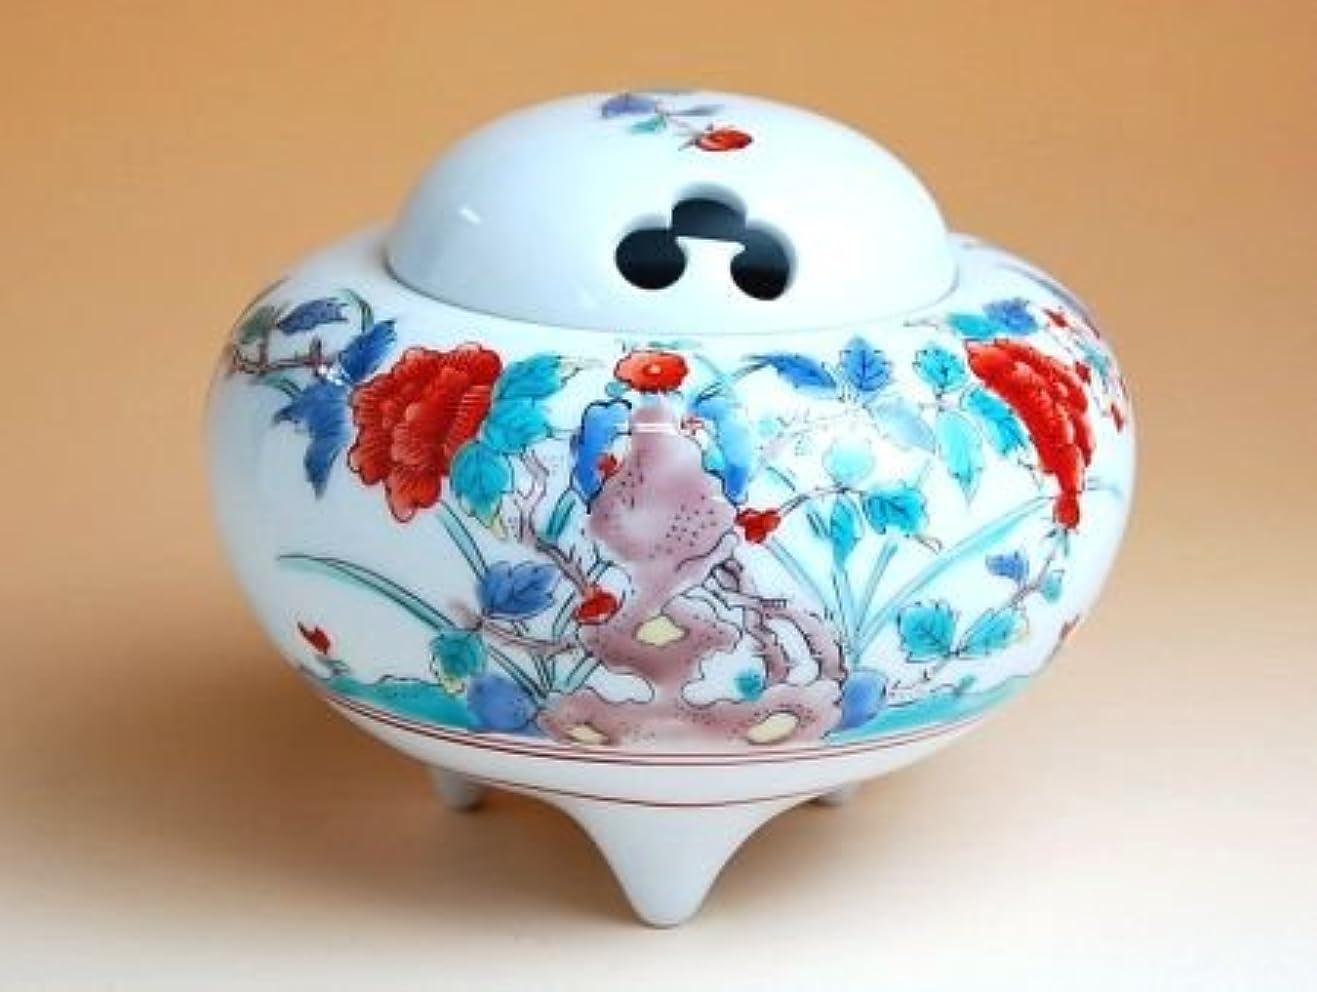 クモ寝具敬意有田焼 錦牡丹 かぶ香炉(木箱付)【サイズ】高さ9.8cm